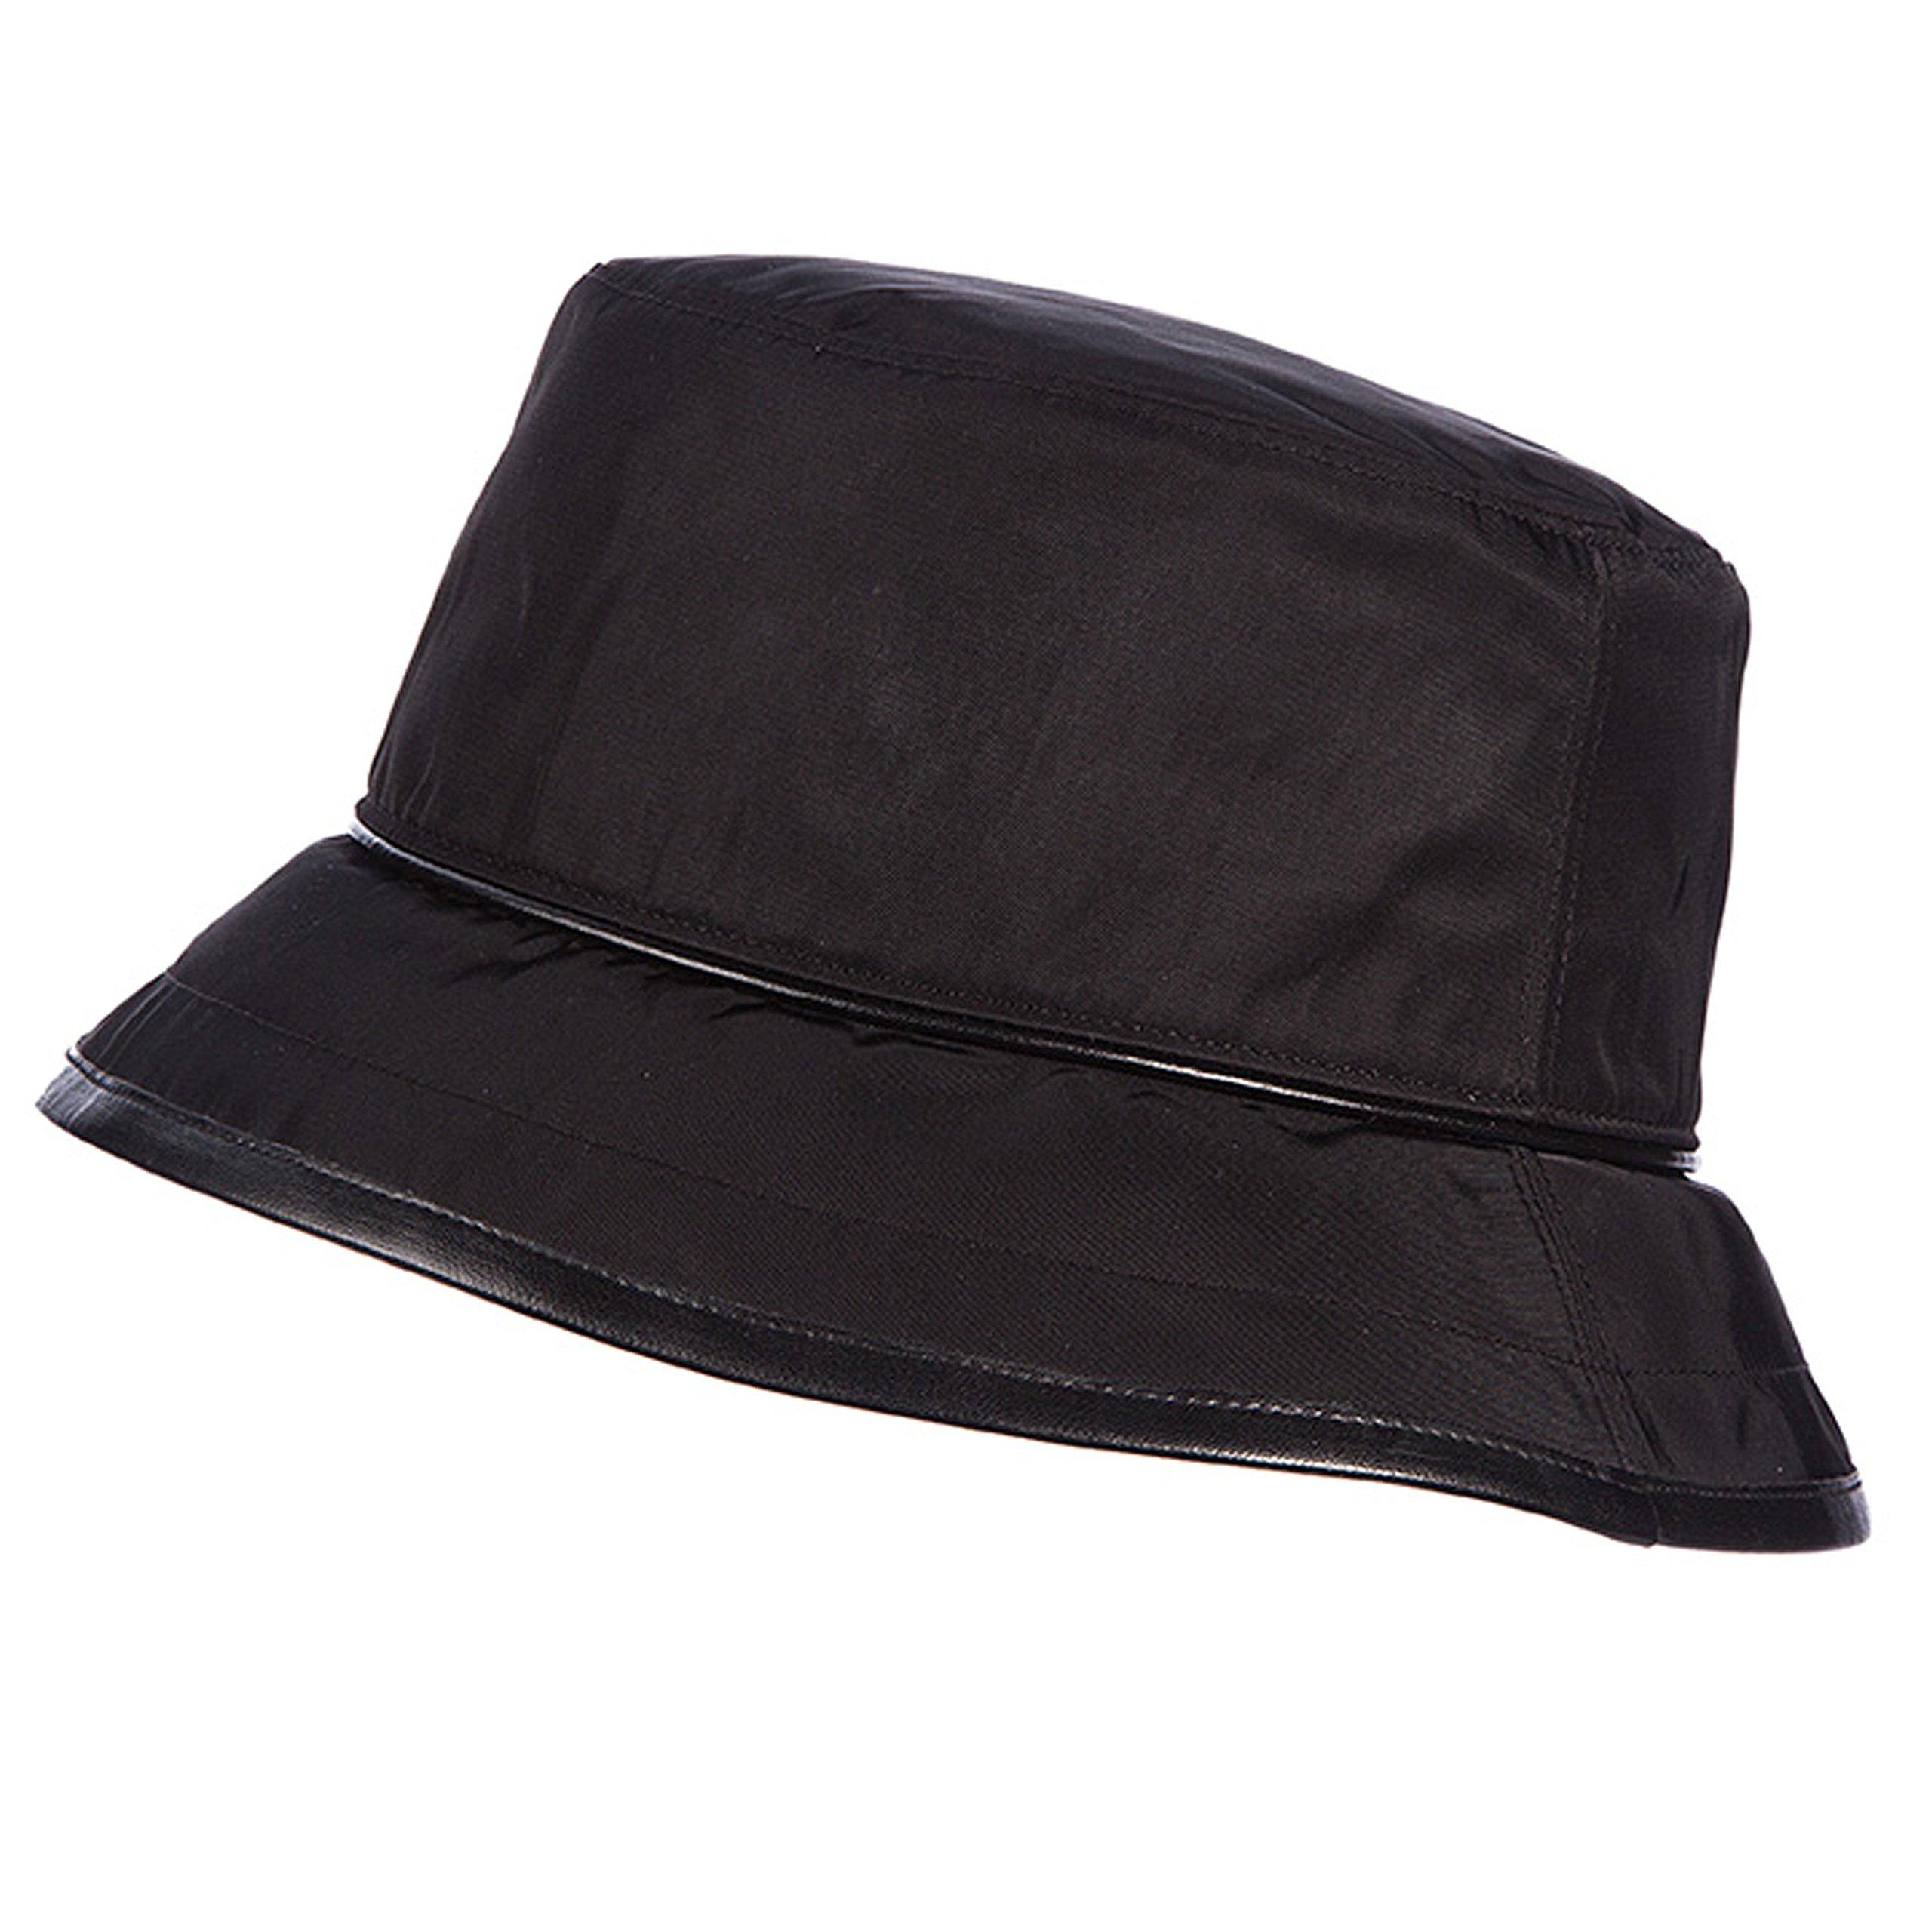 SCALA Deluxe Rain Bucket Hat (Black)